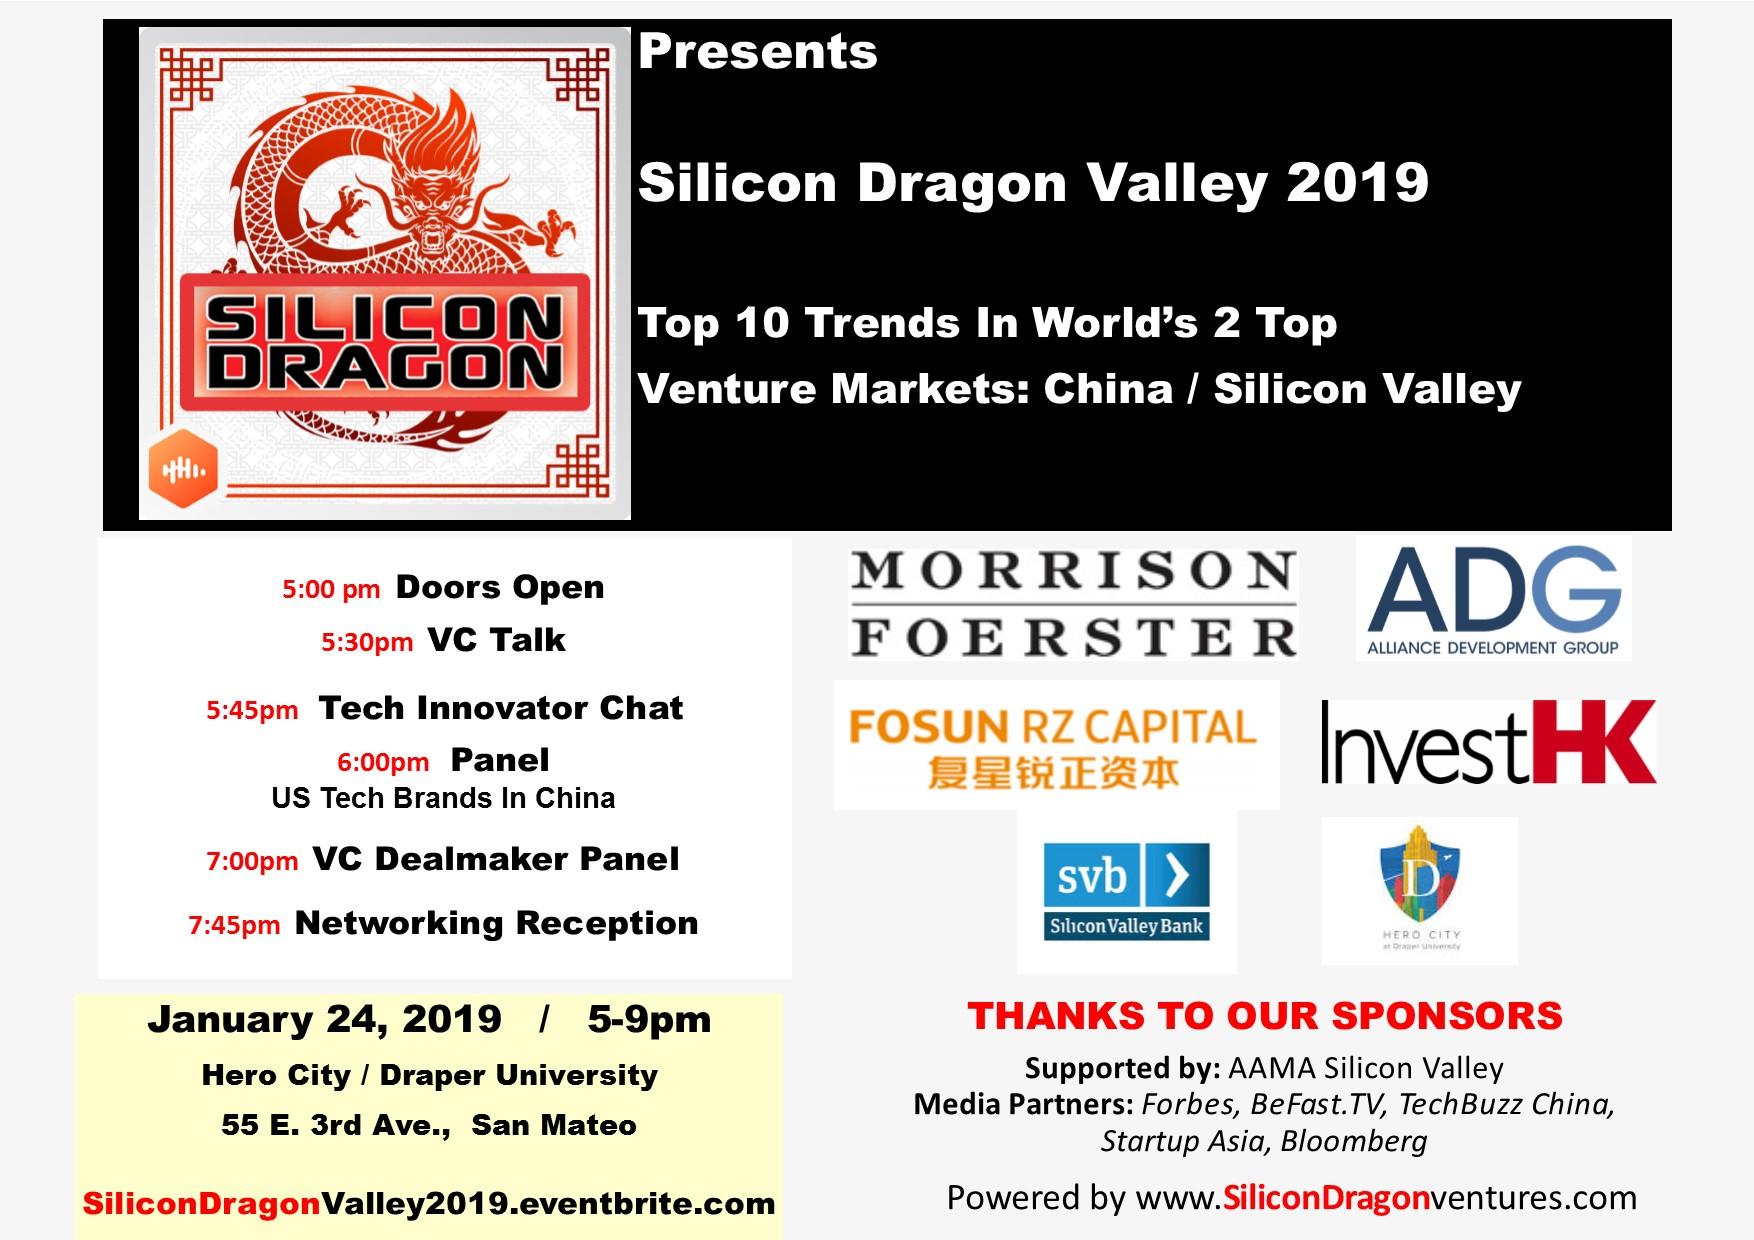 Silicon Dragon Valley 2019